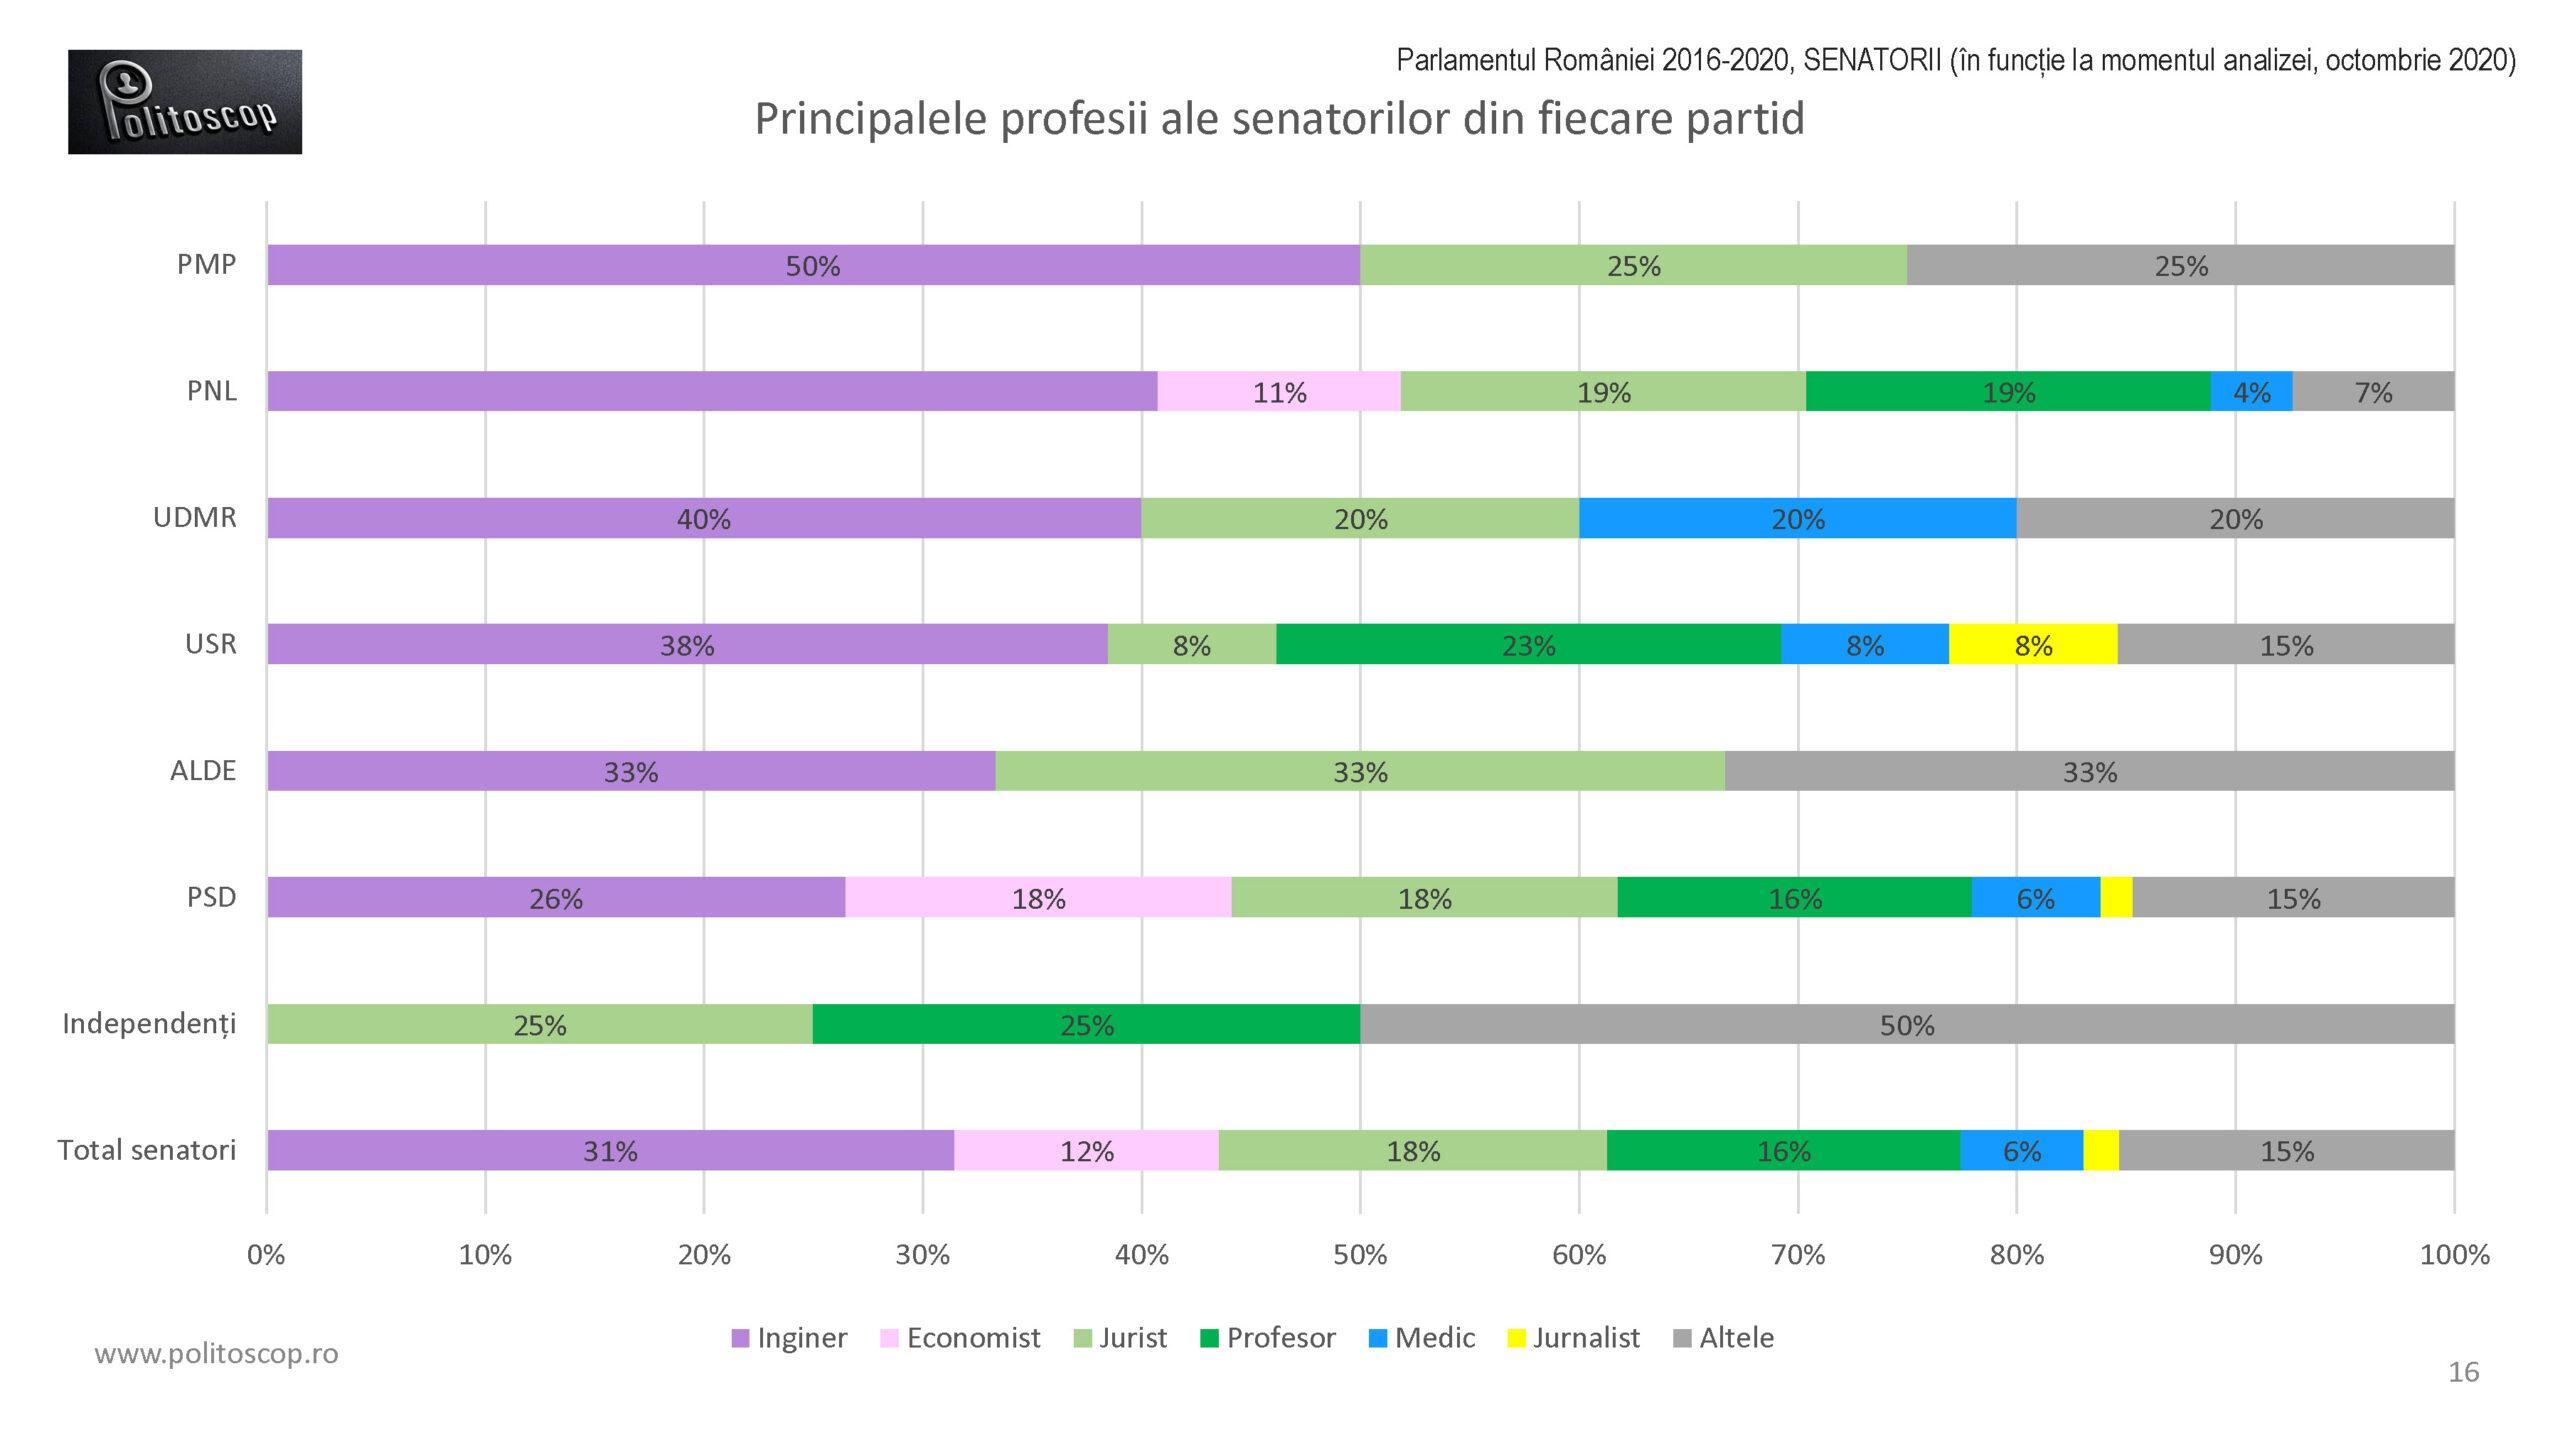 Politoscop - profesiile senatorilor romani 2016-20